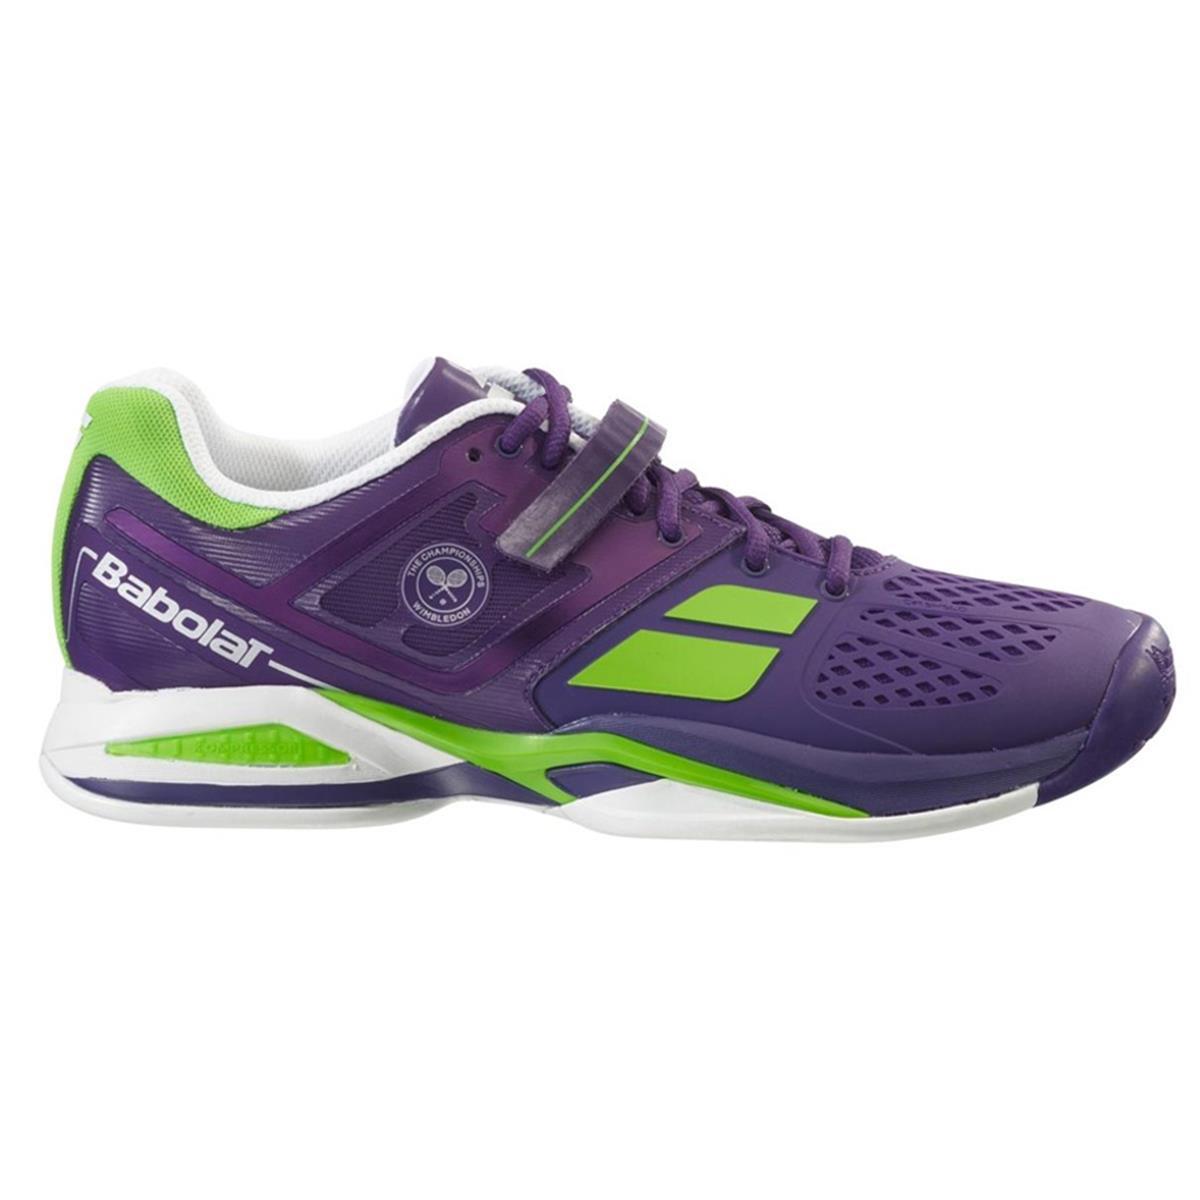 babolat propulse wimbledon junior tennis shoe by directtennis